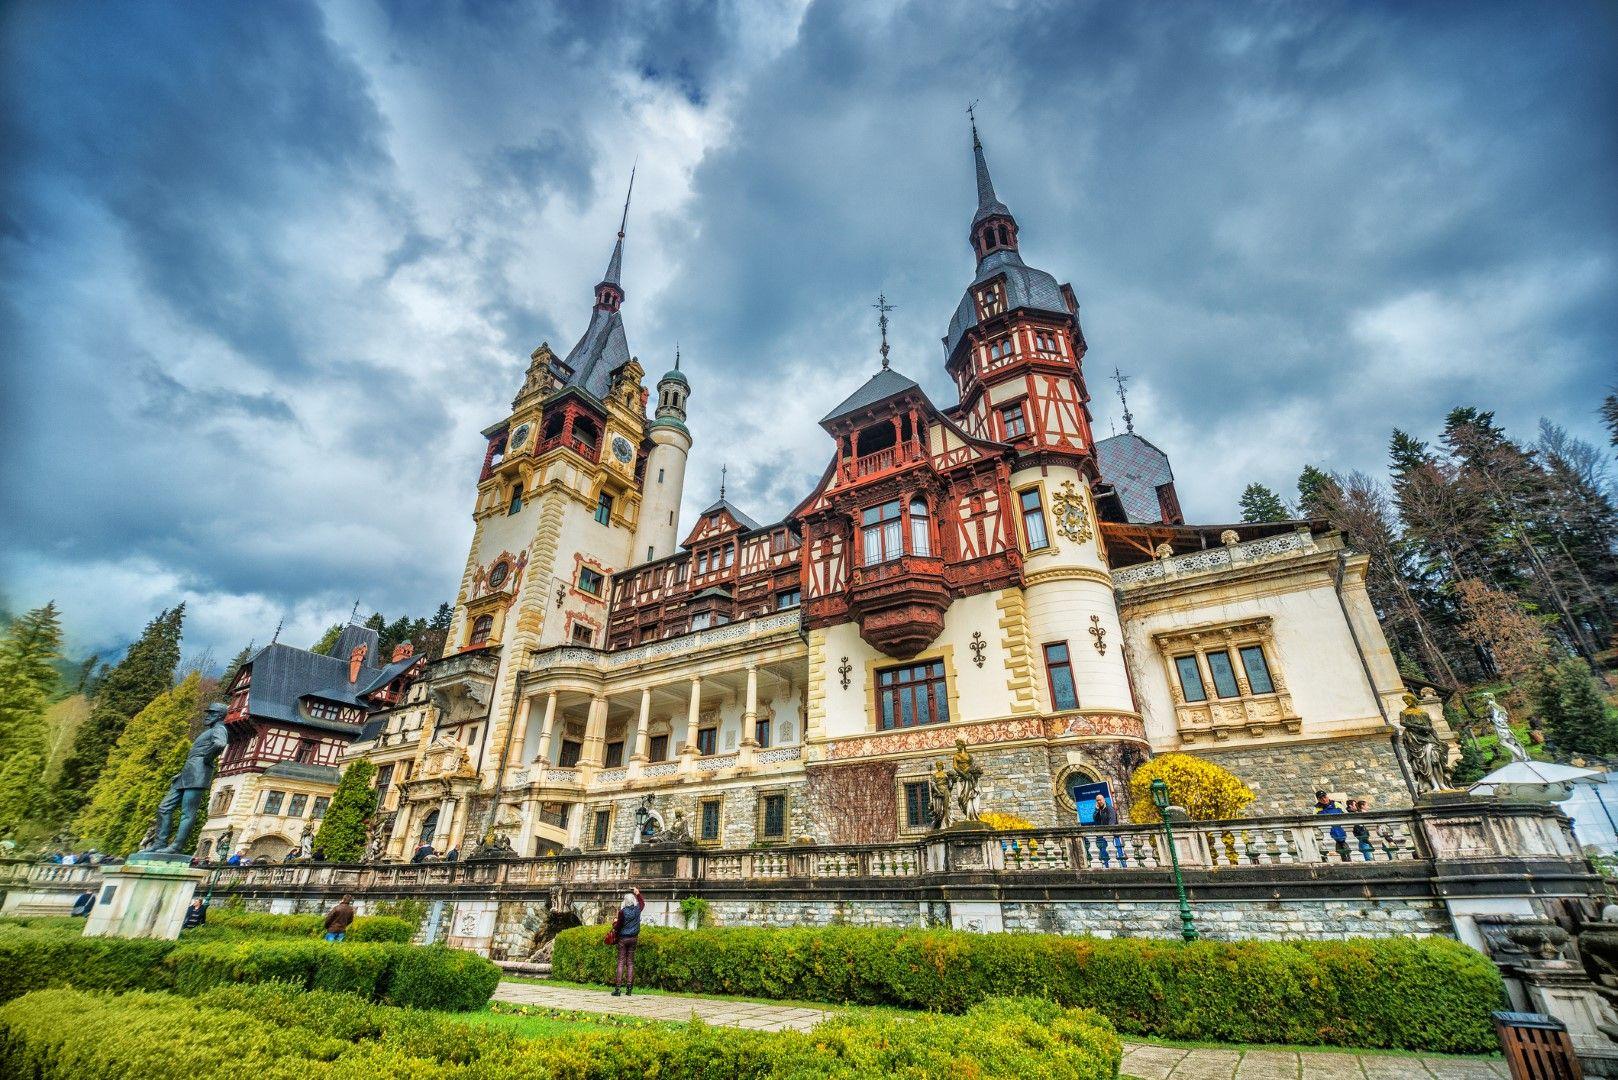 Замъкът Пелеш е бил първият в Европа, който имал електричество.